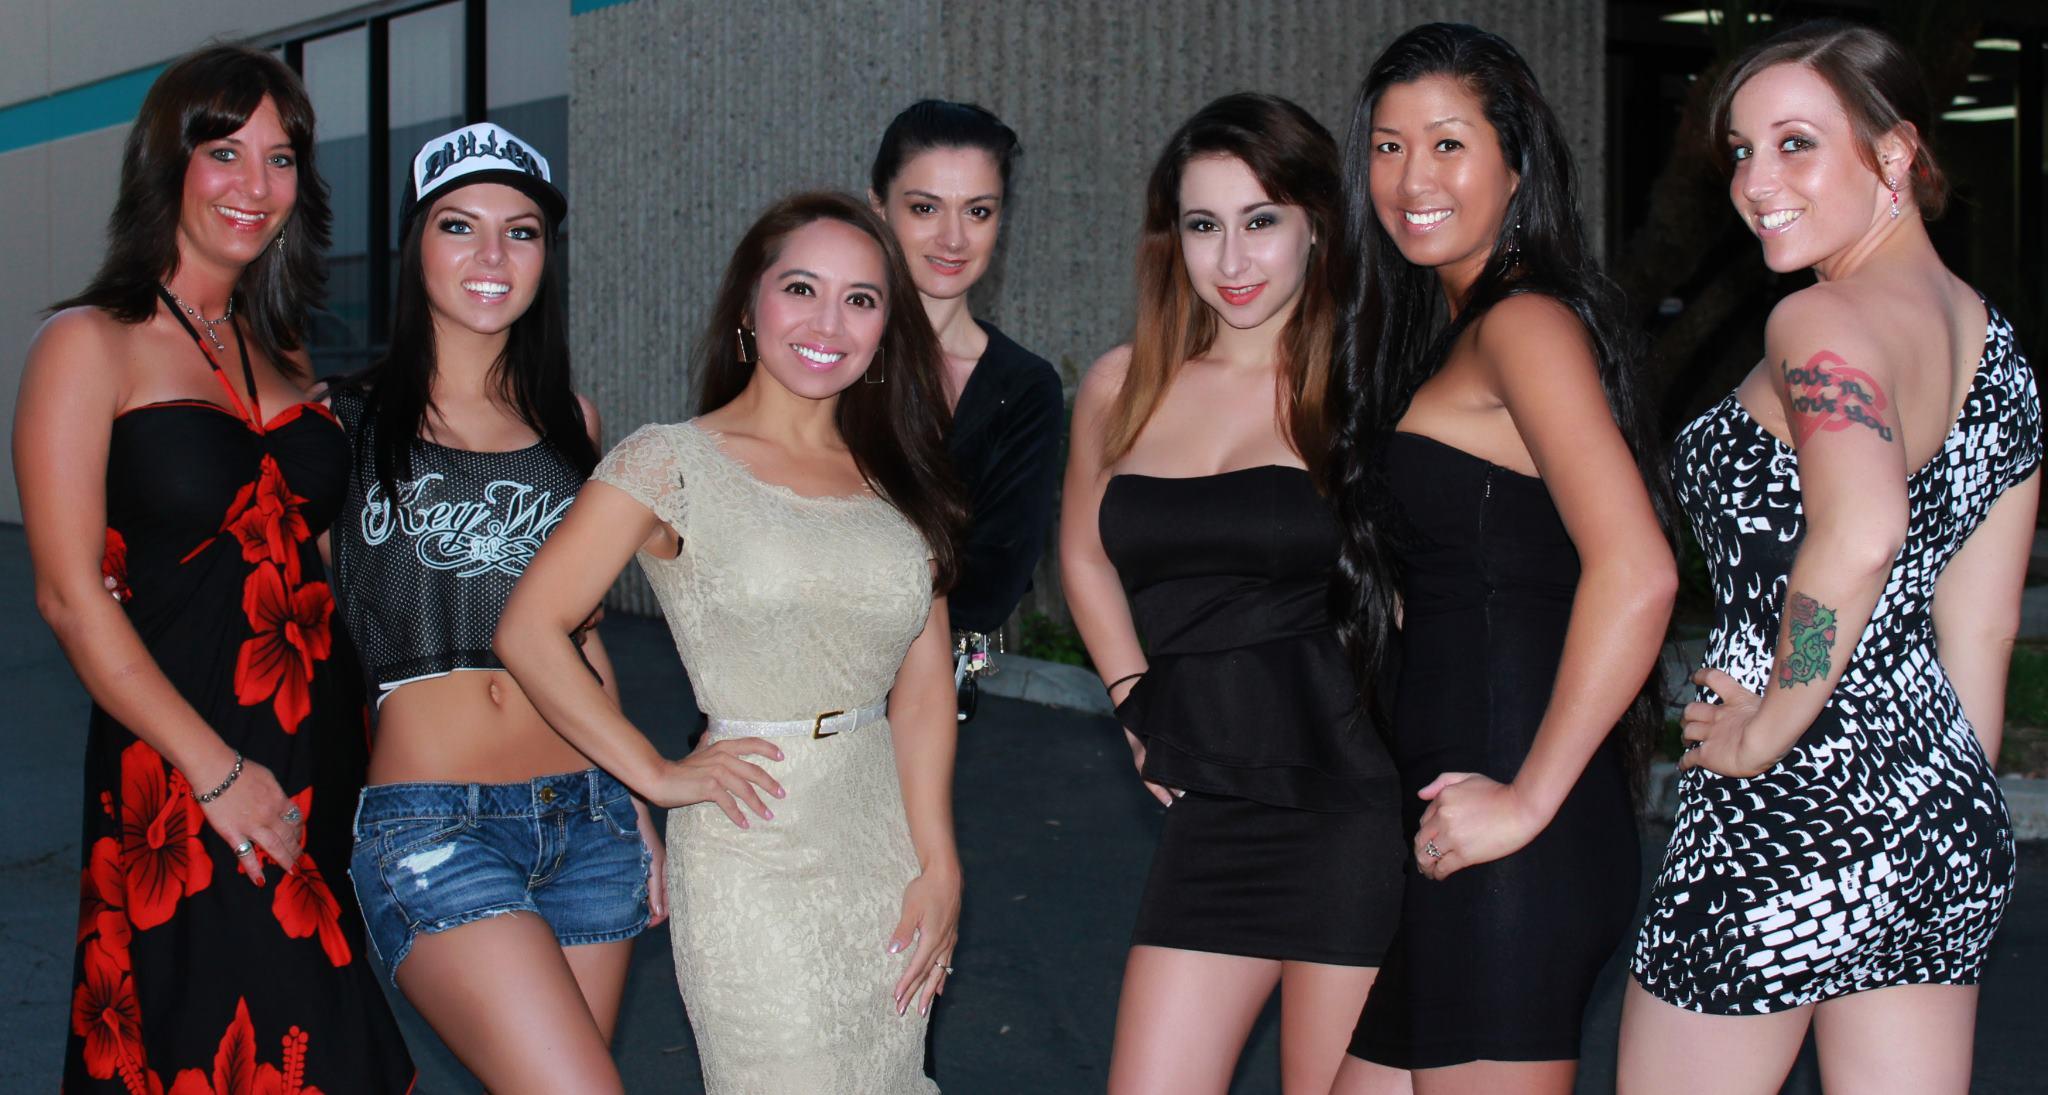 Erotic girls hypnotized